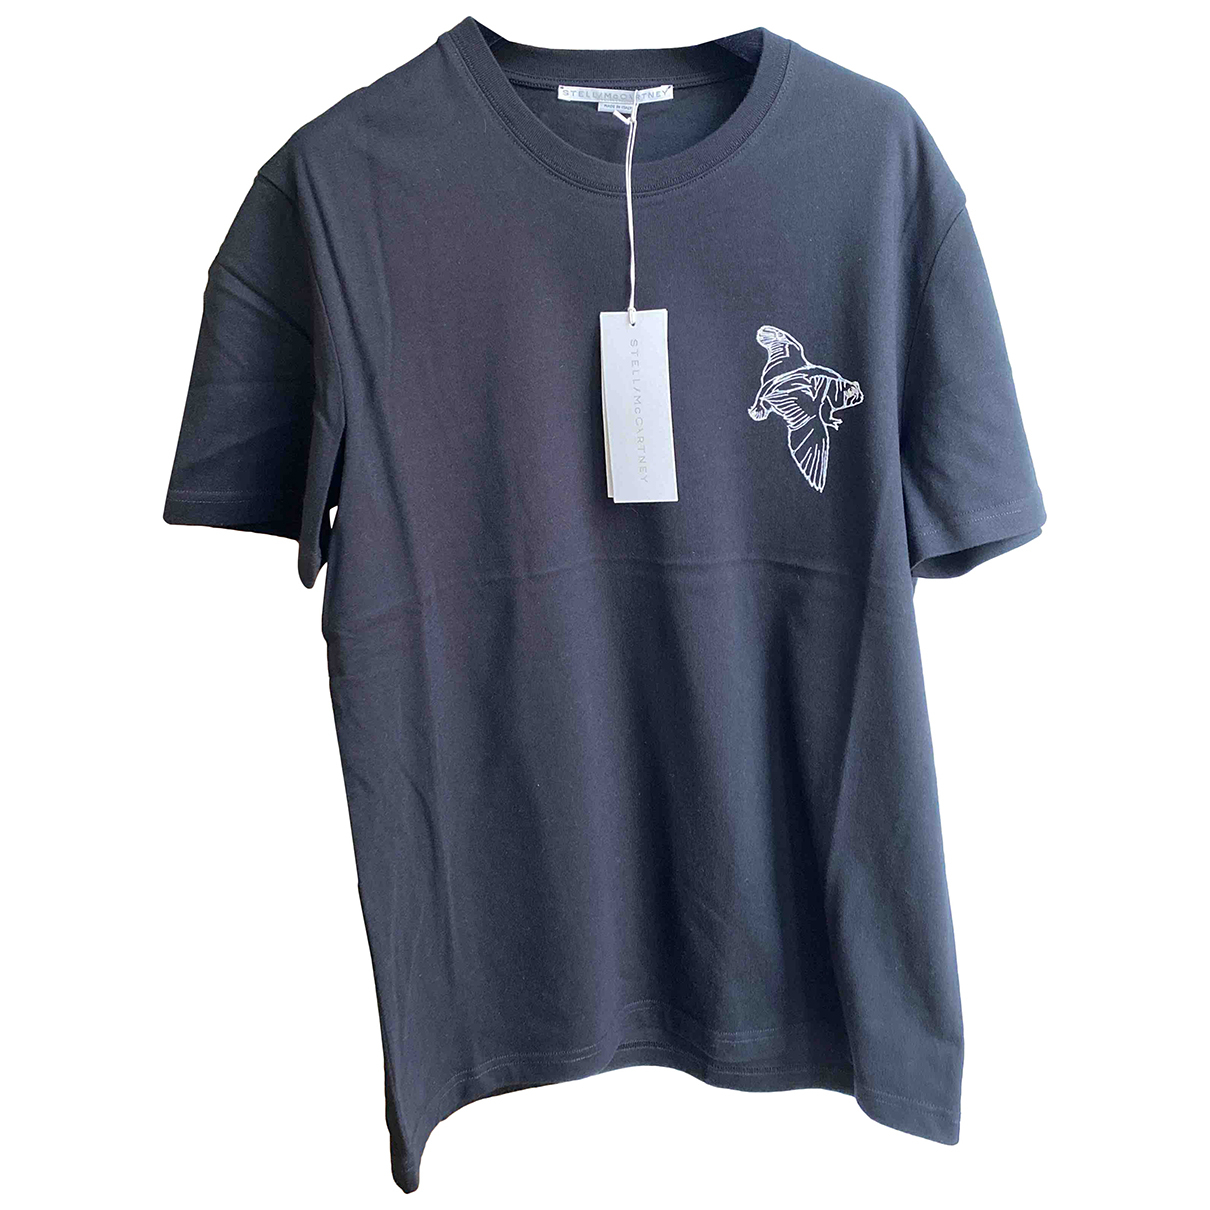 Stella Mccartney - Tee shirts   pour homme en coton - noir